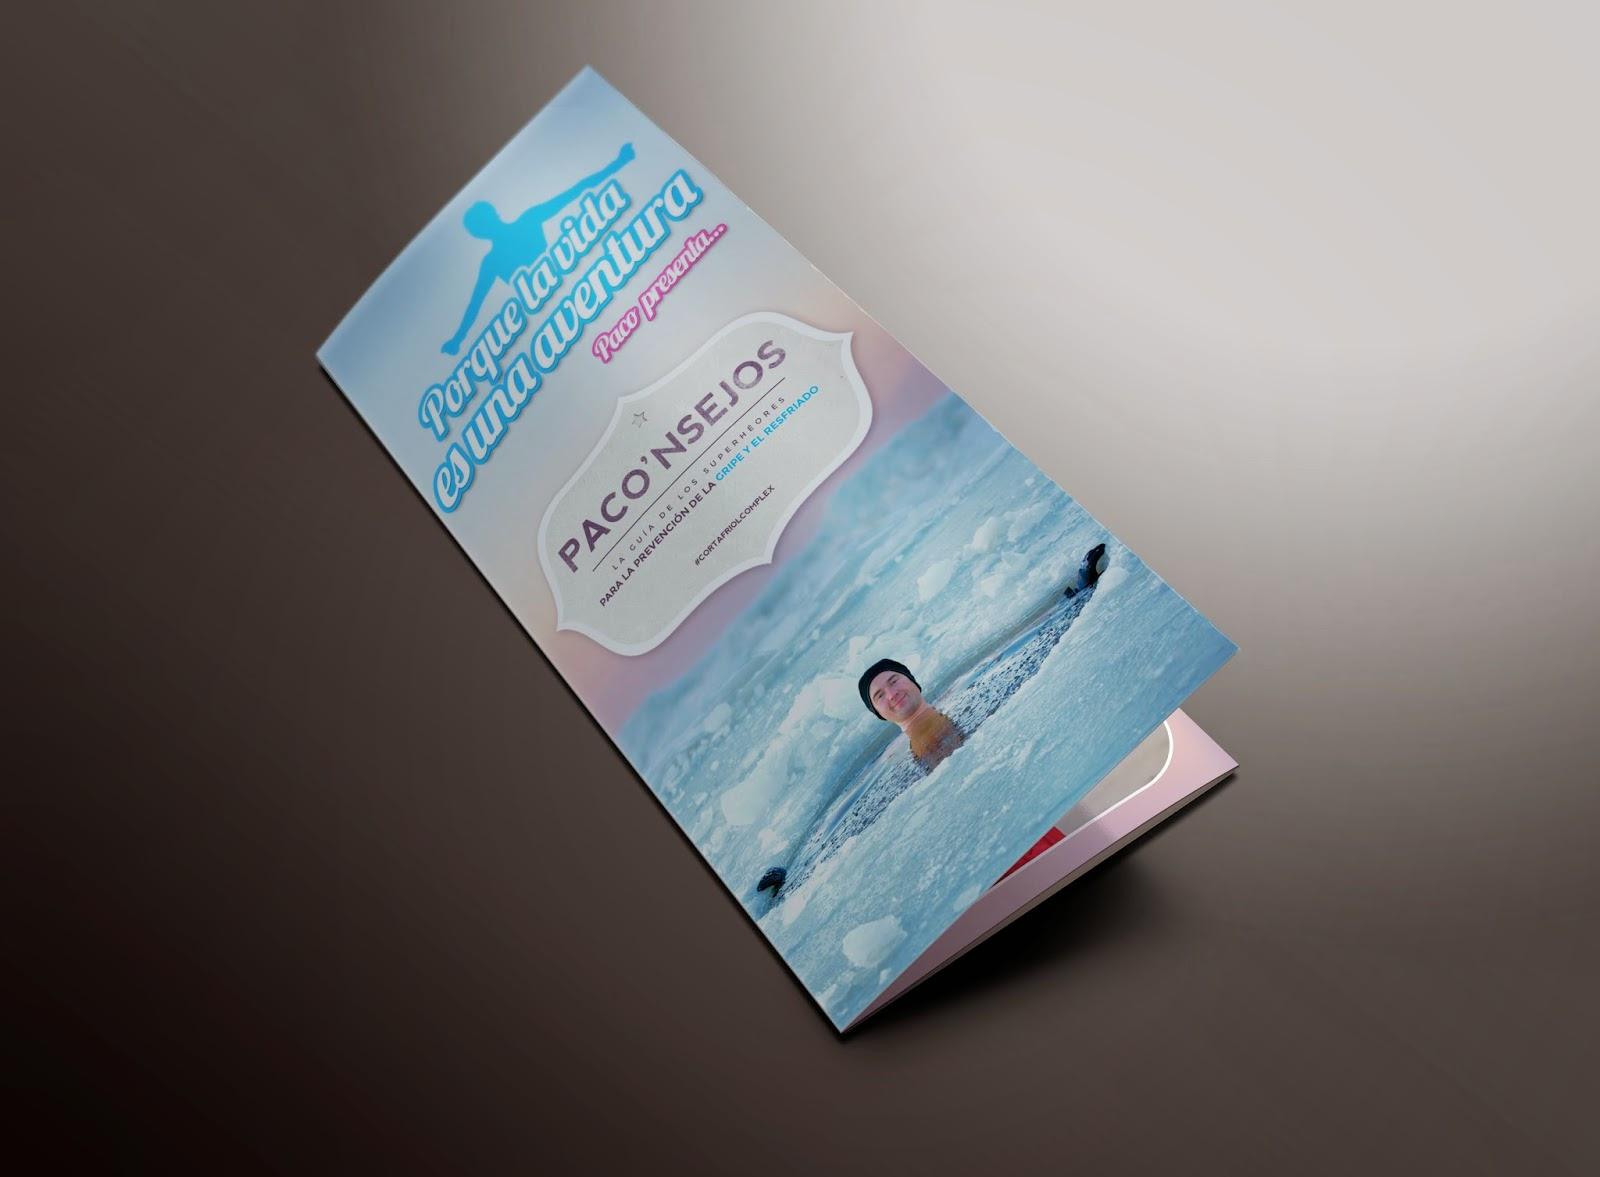 Kellenfol agencia publicidad healthcare frenadol sanofi resfriado